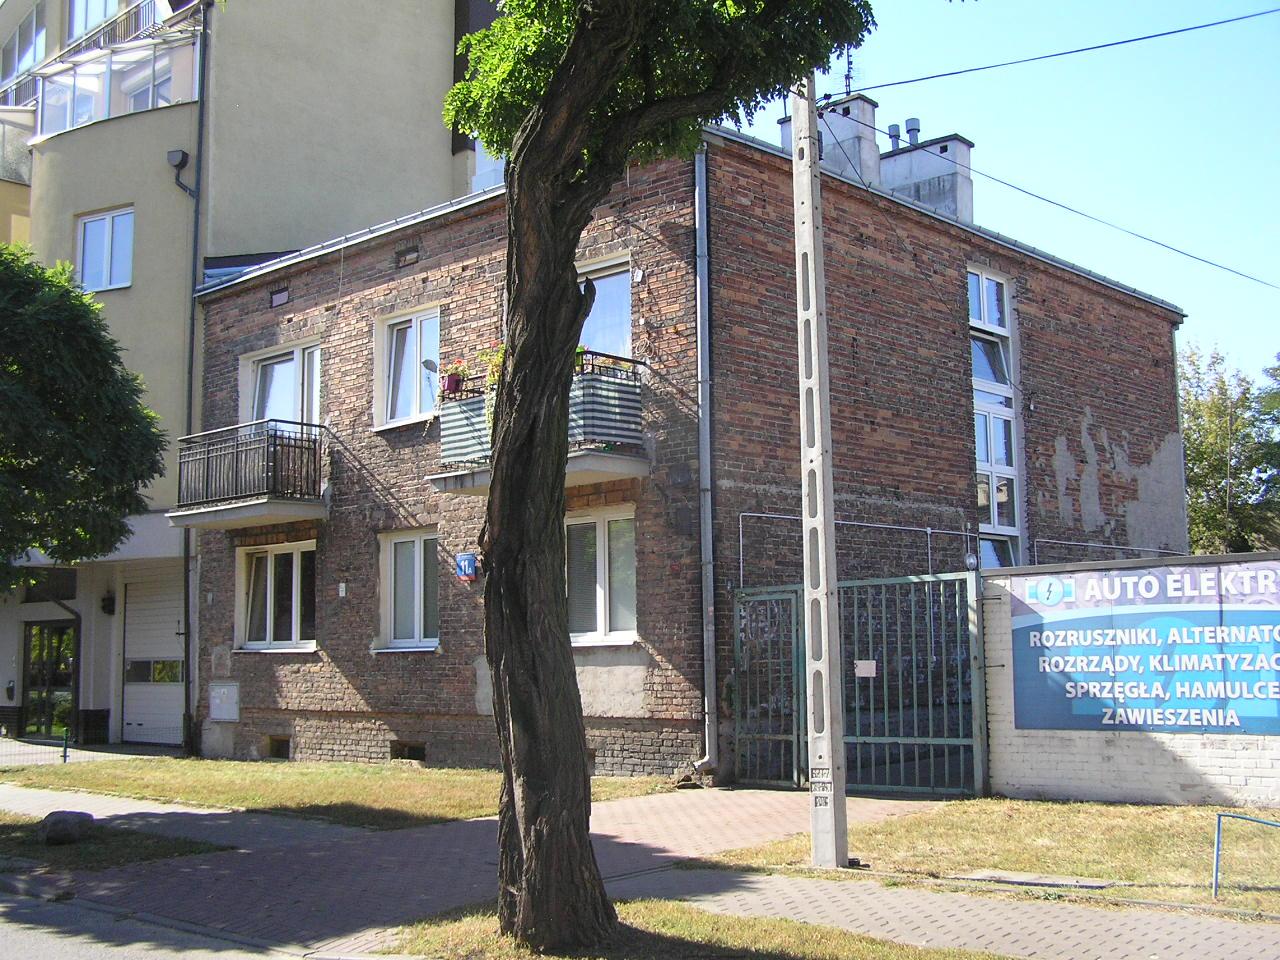 Omulewska 11A